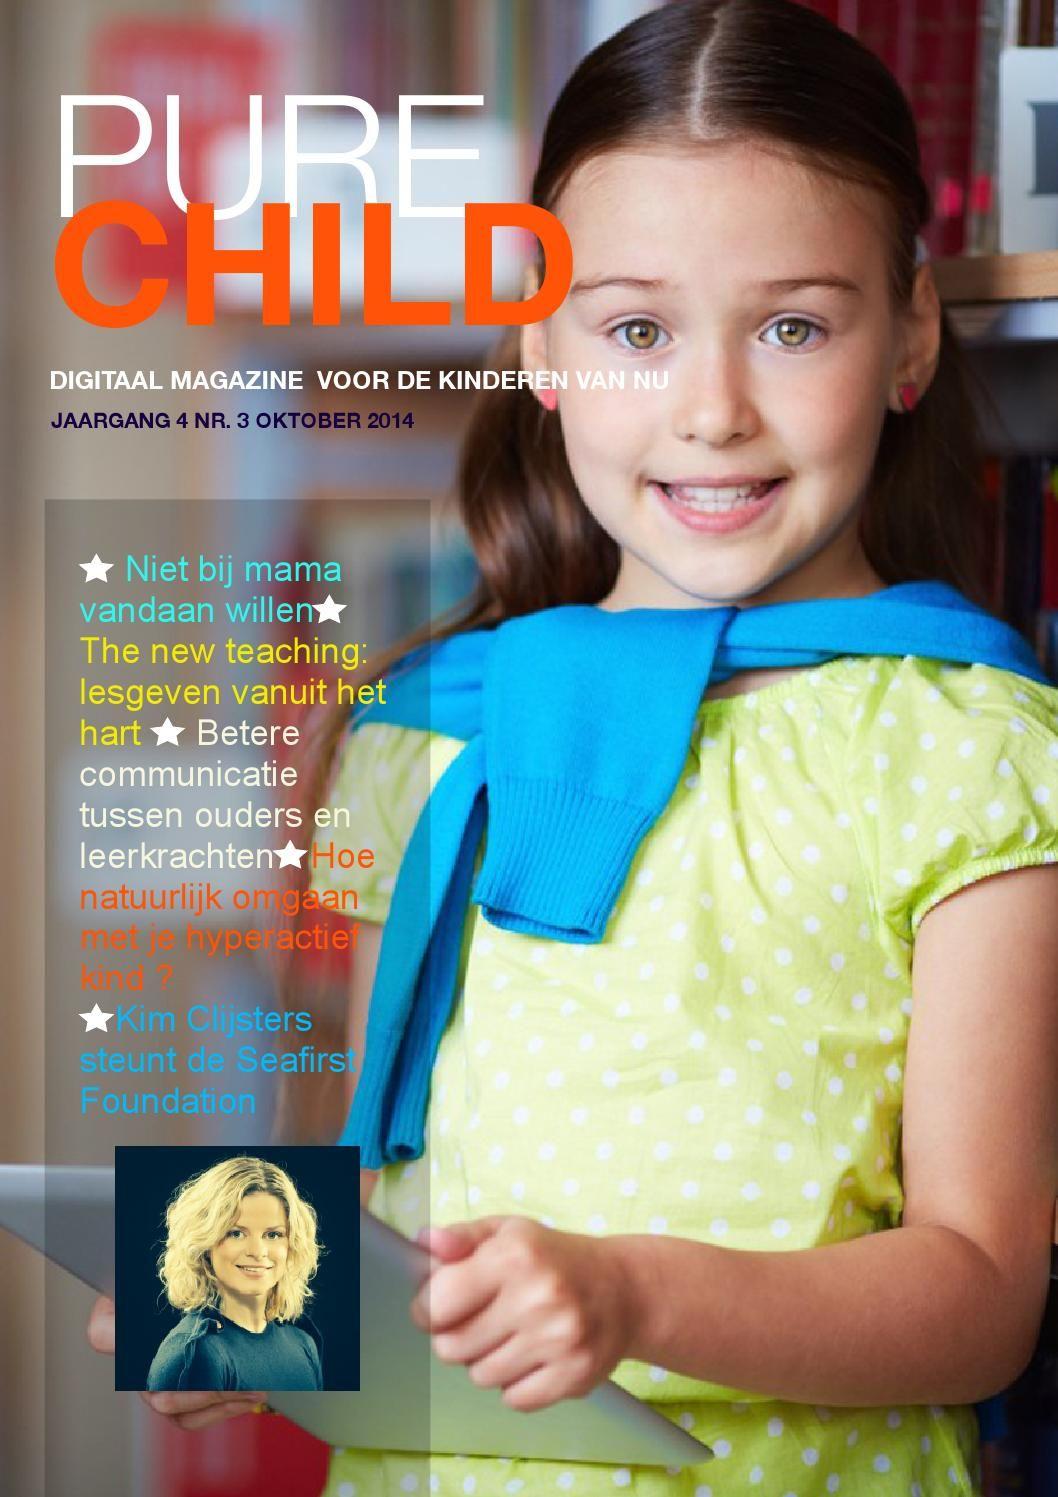 Pure Child is een gratis digitaal magazine dat een integrale opvoedkundige visie op het kind promoot.